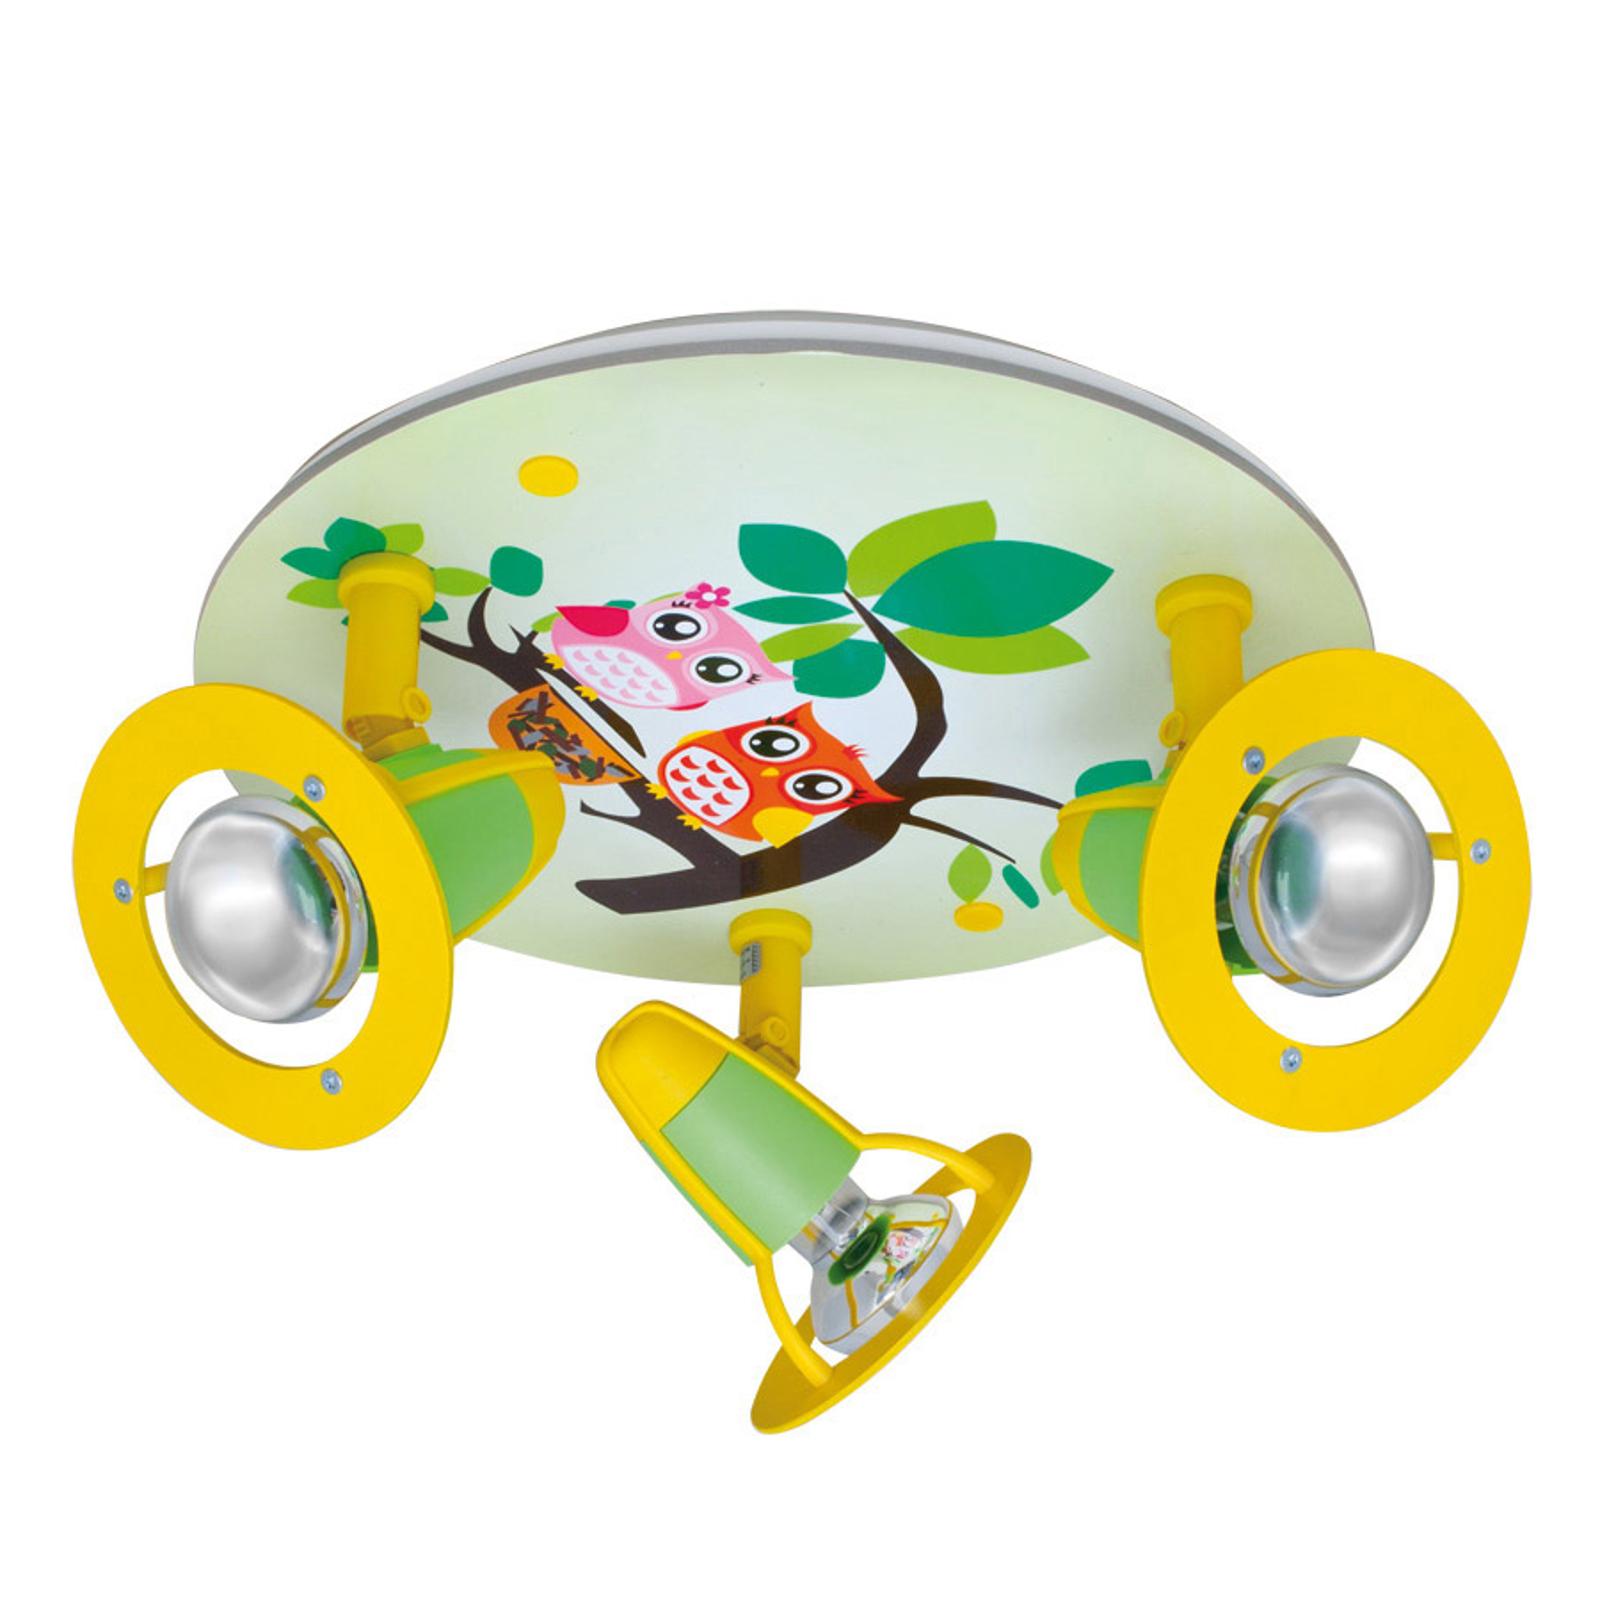 Taklampa Uggla för barnrummet, grön-gul